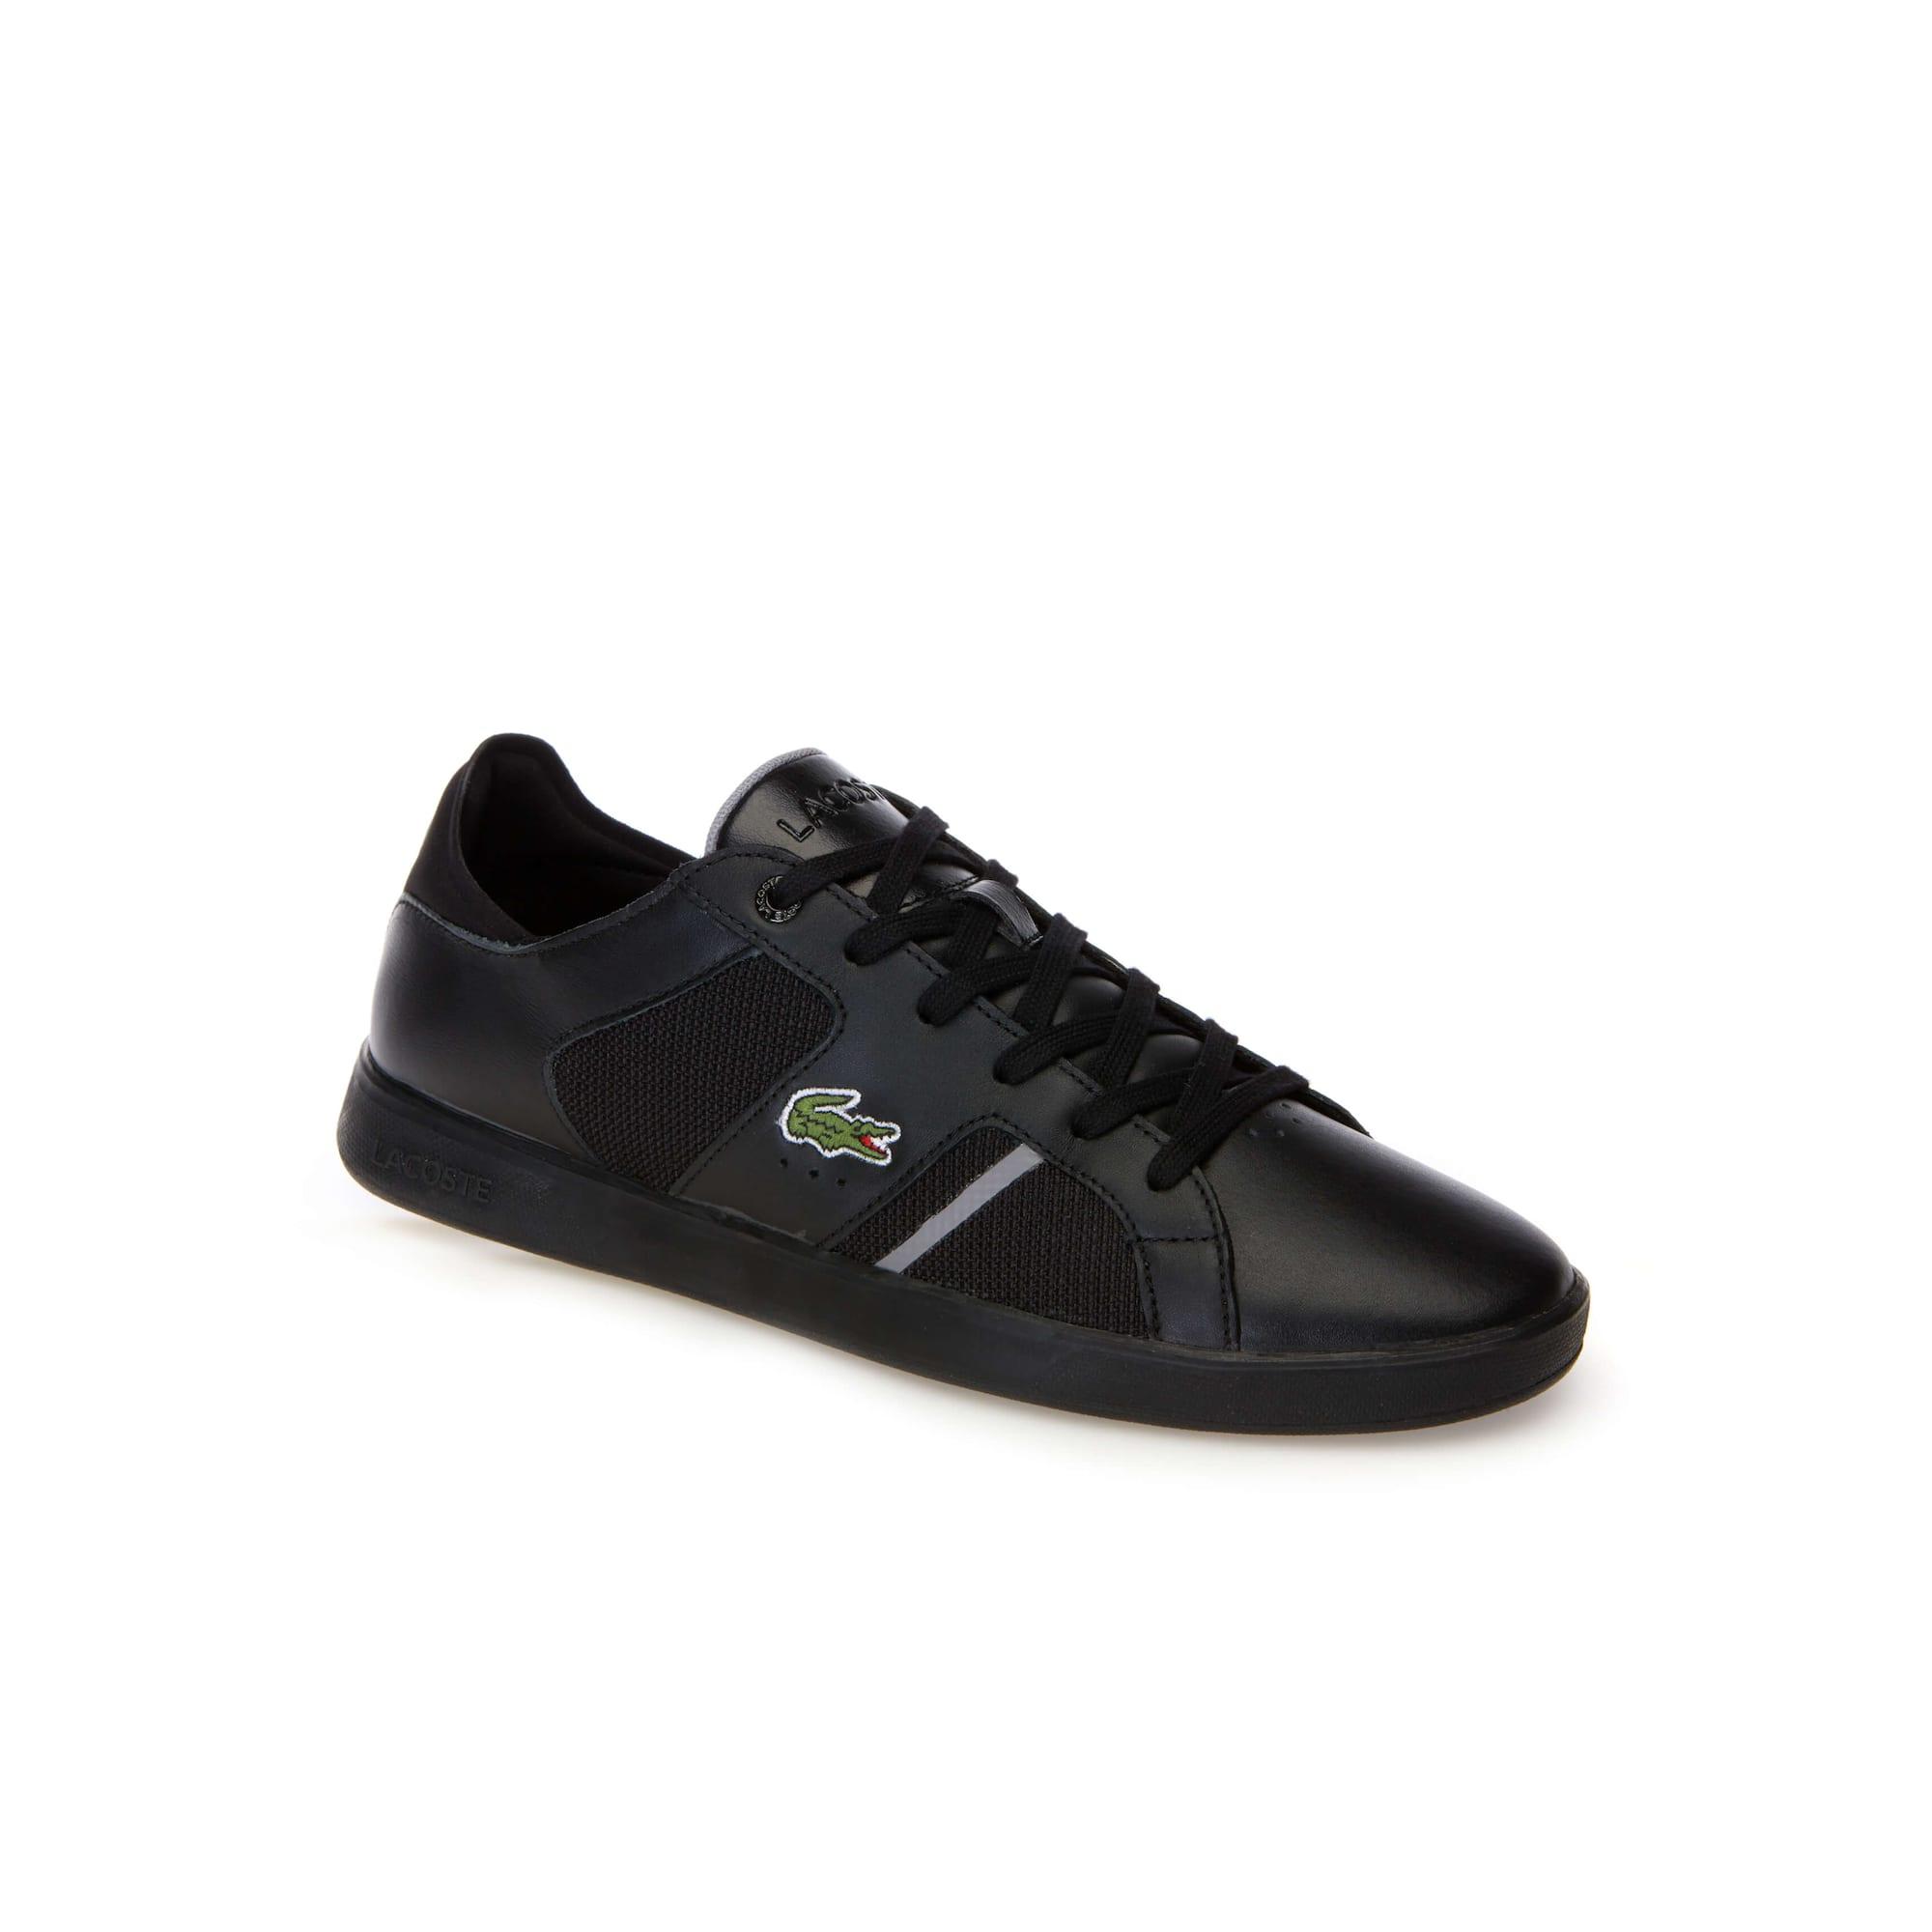 91a5a4c18fa Zapatillas de hombre Novas de napa y malla